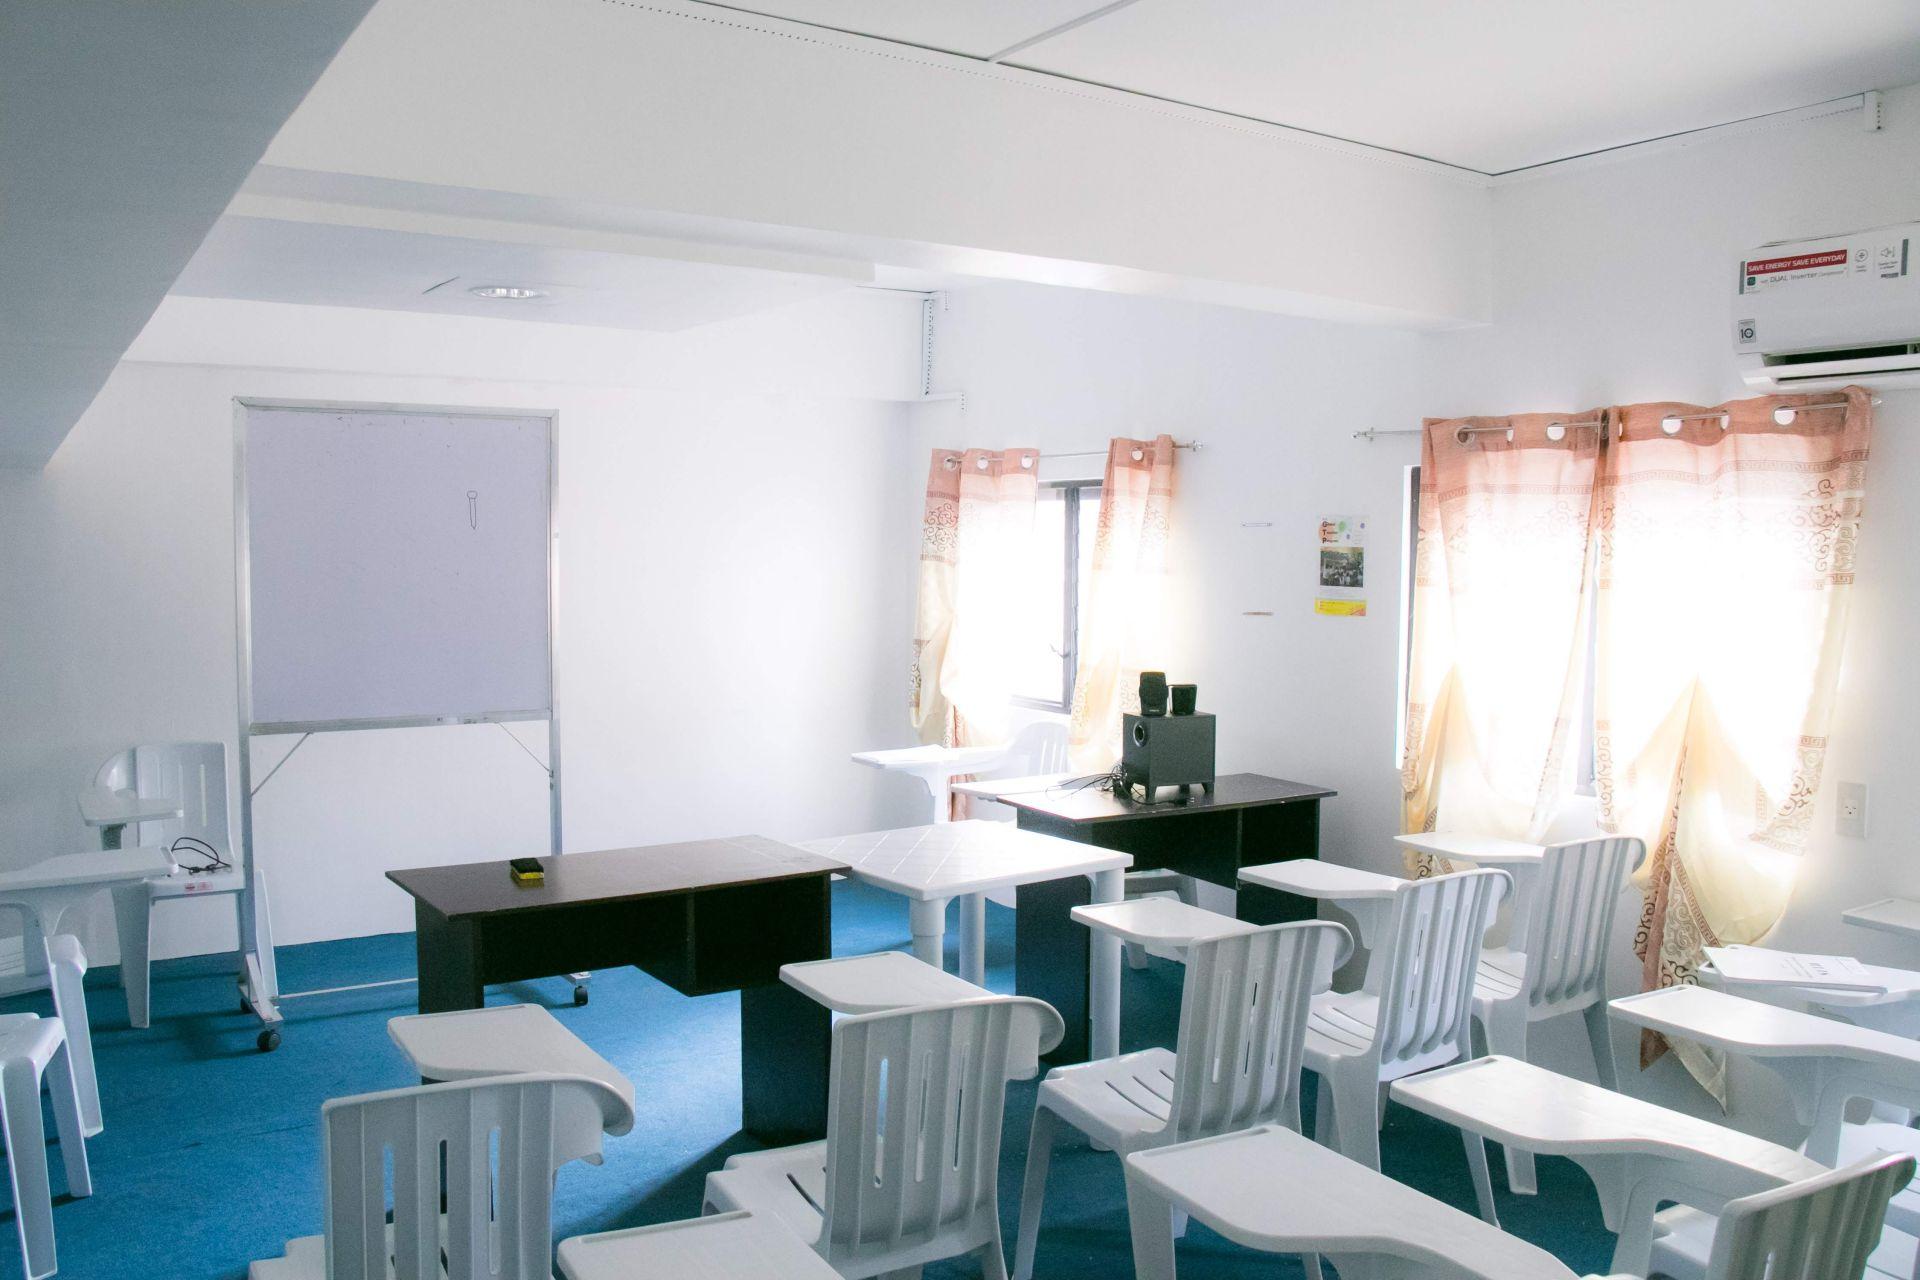 GROUP CLASS /Групп хичээлийн танхим/